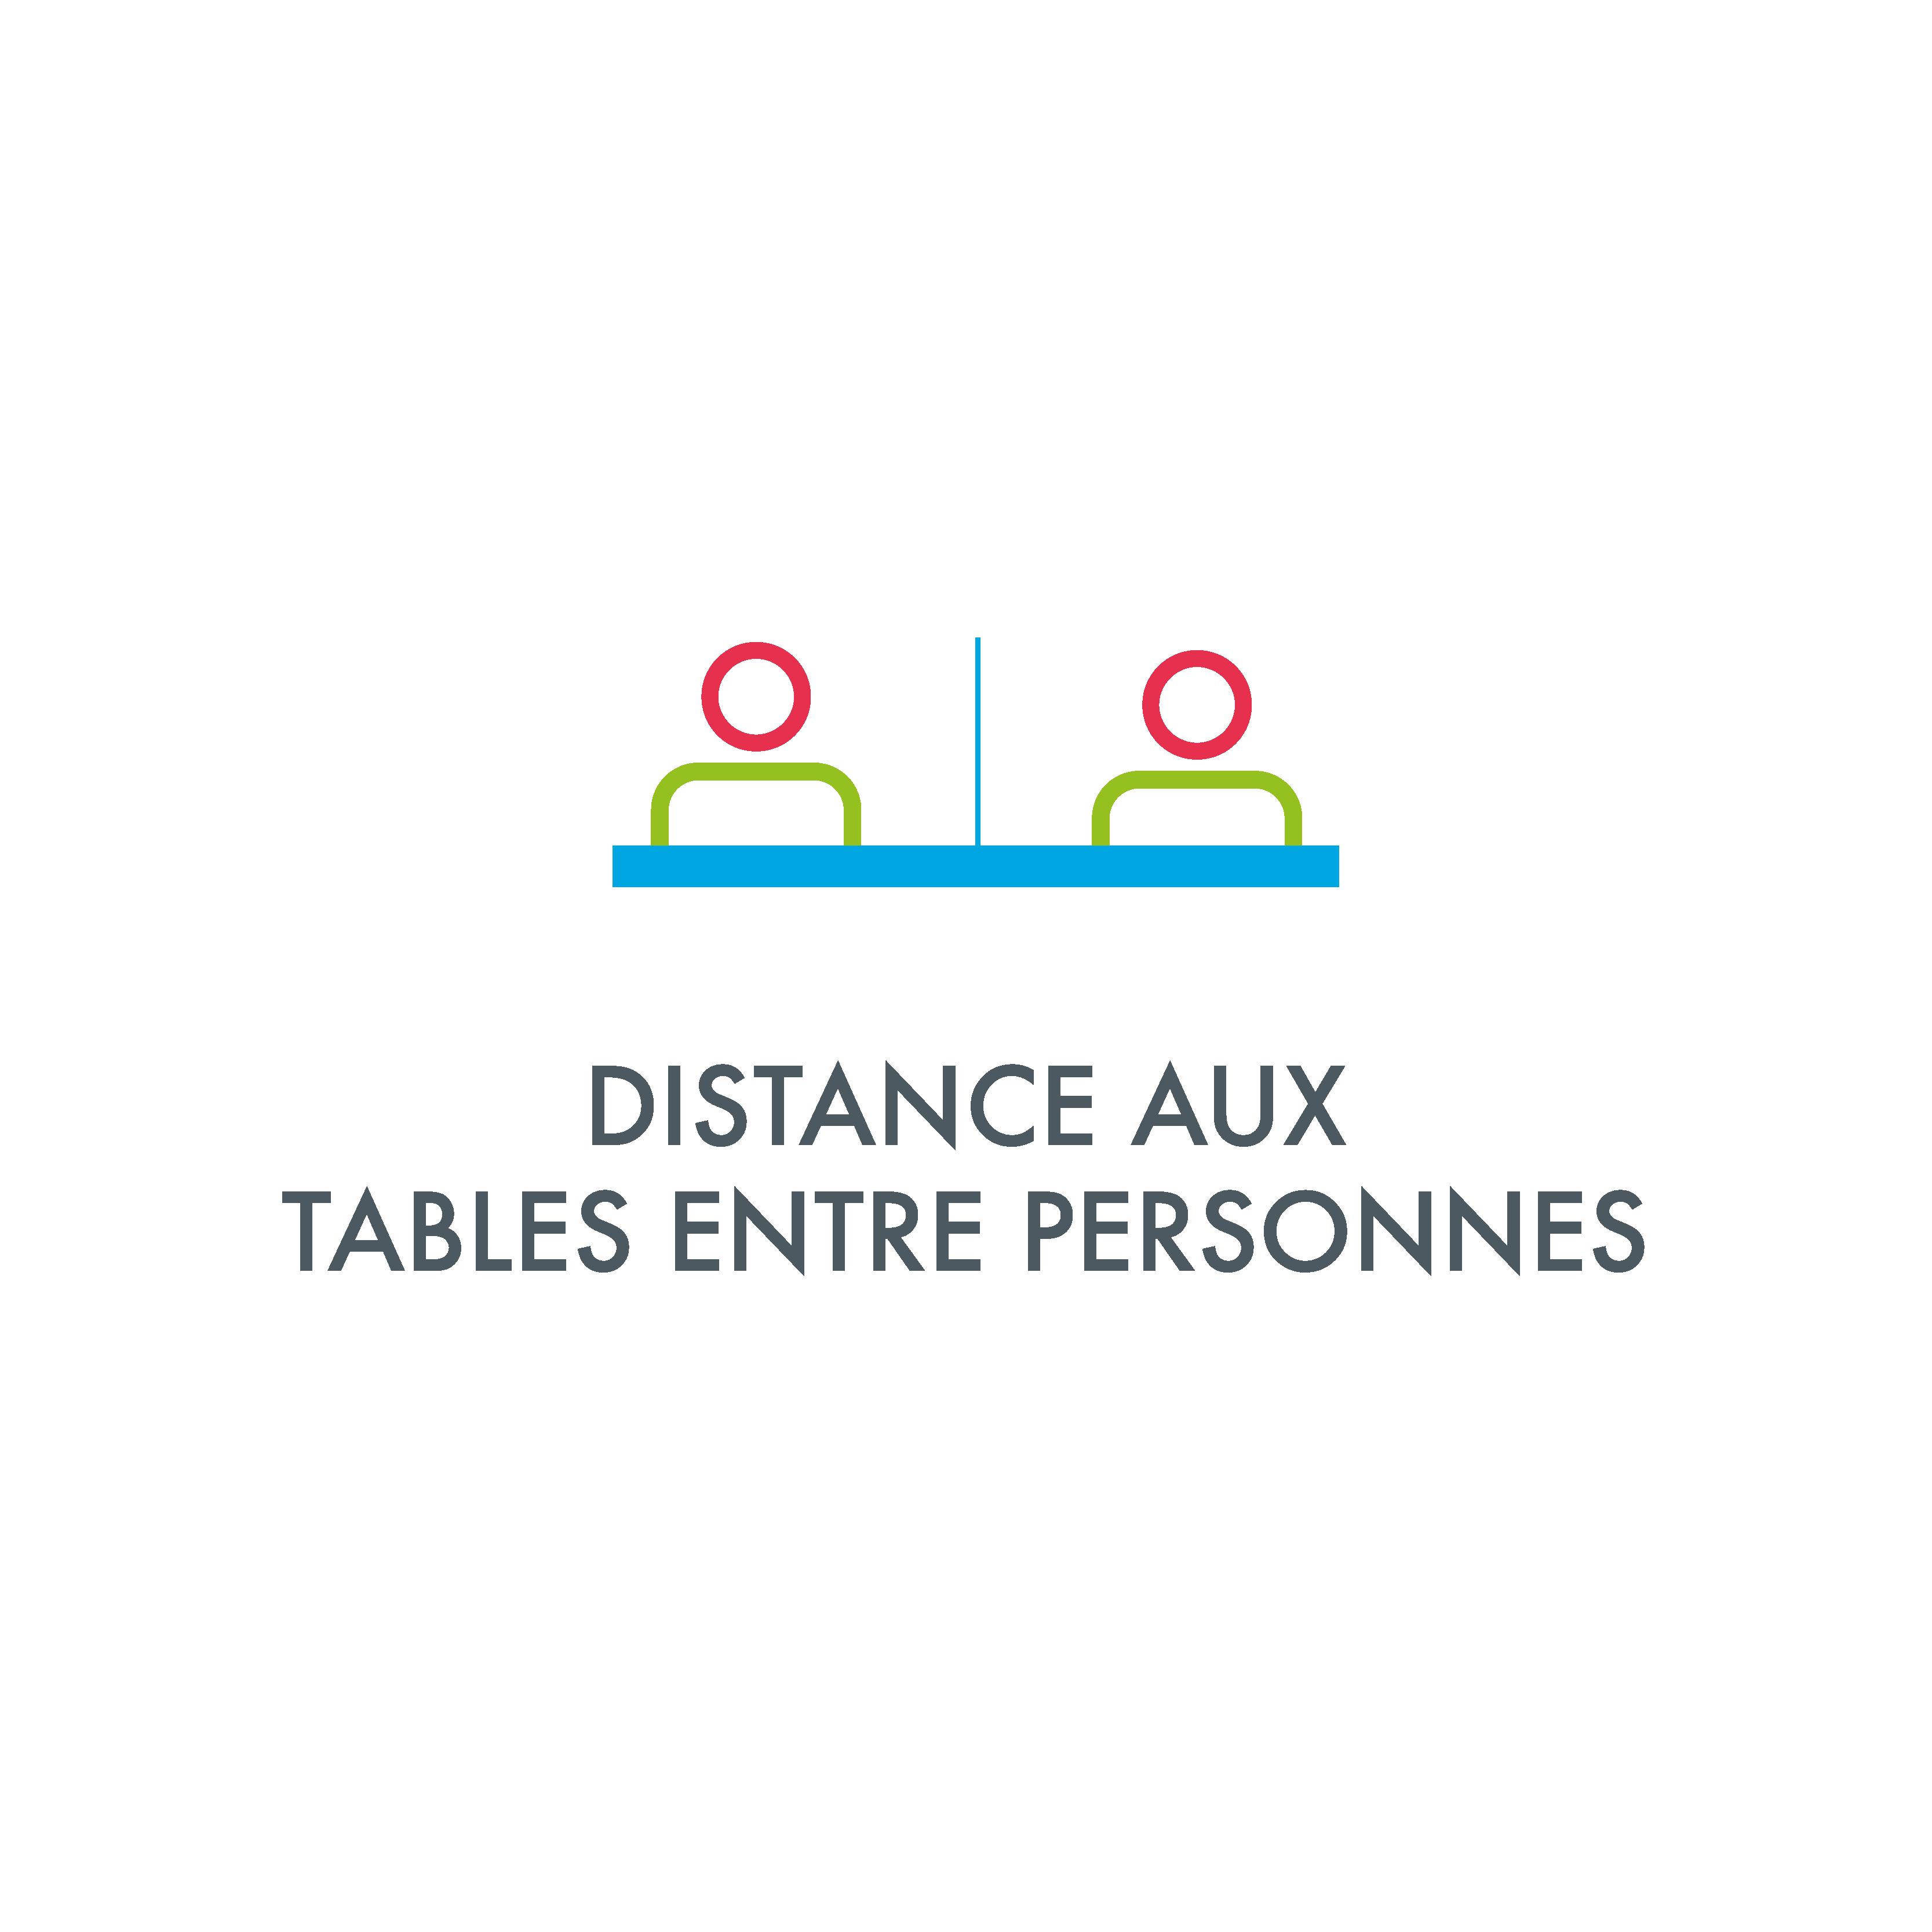 Distance_aux_tables_entre_personnes_2